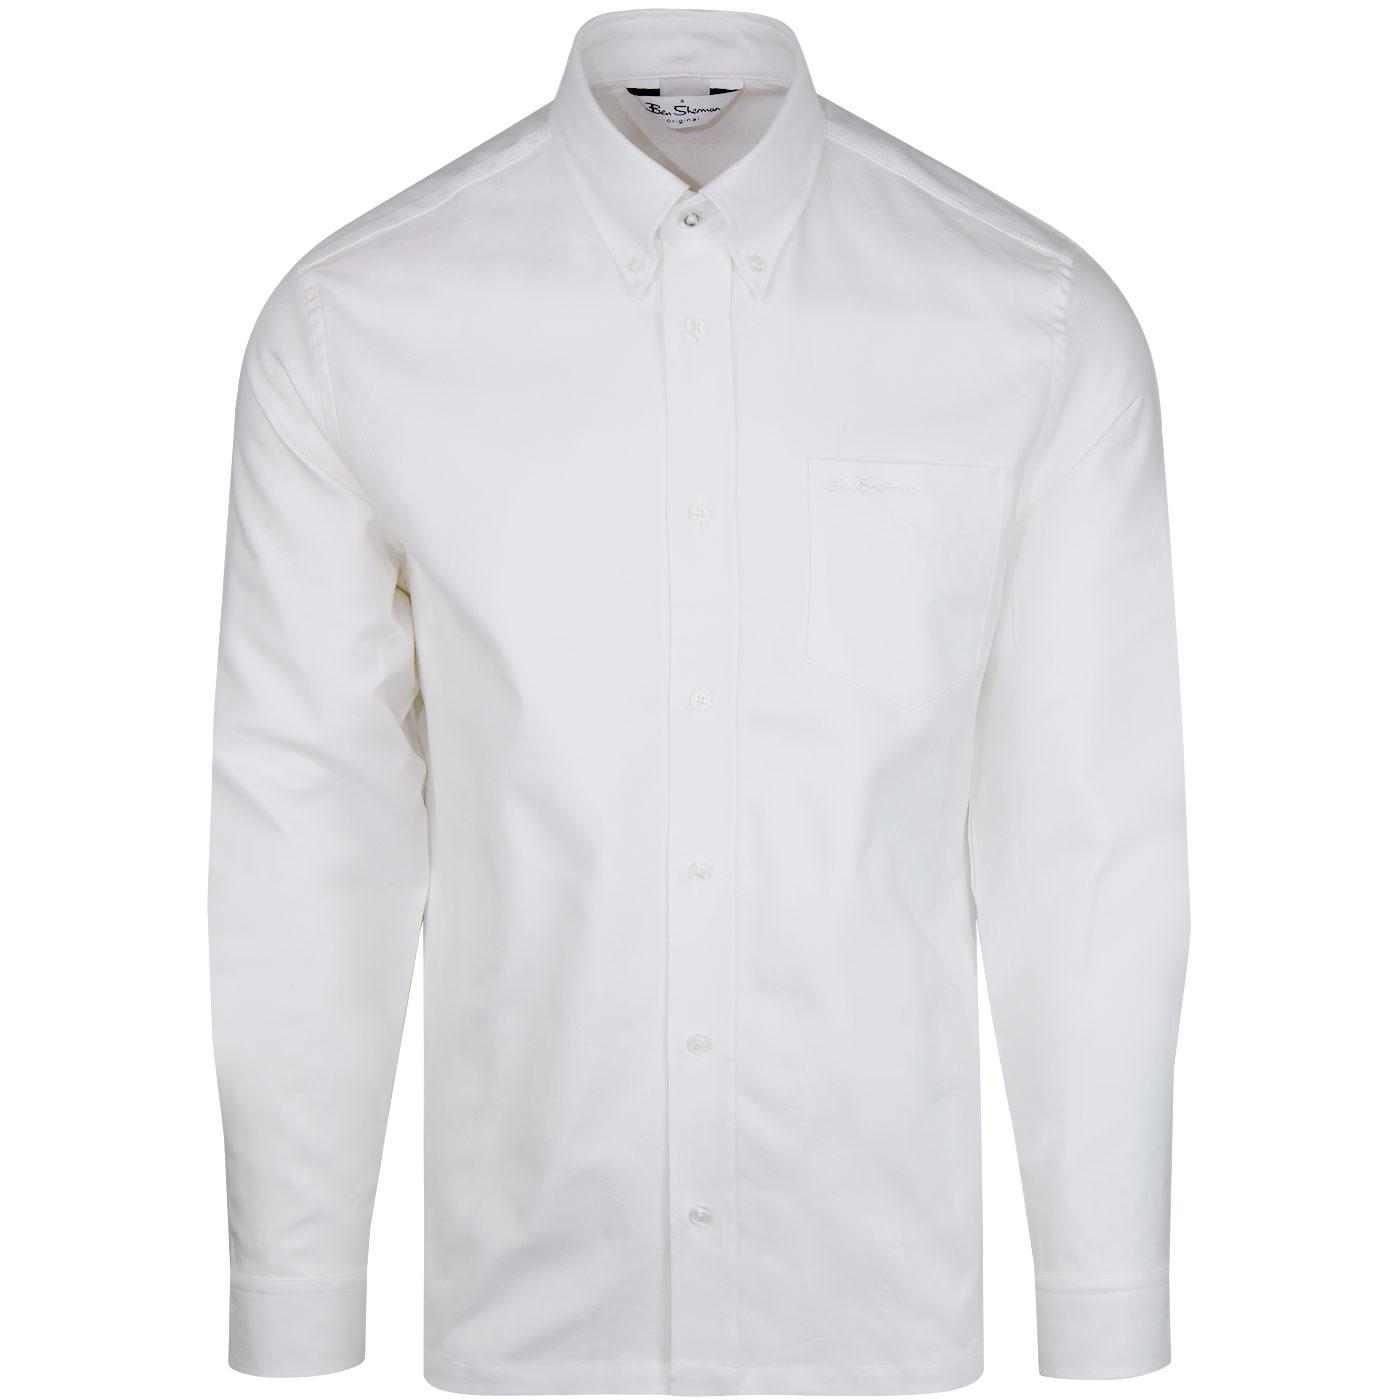 BEN SHERMAN Archive Benny L/S Mod Shirt WHITE